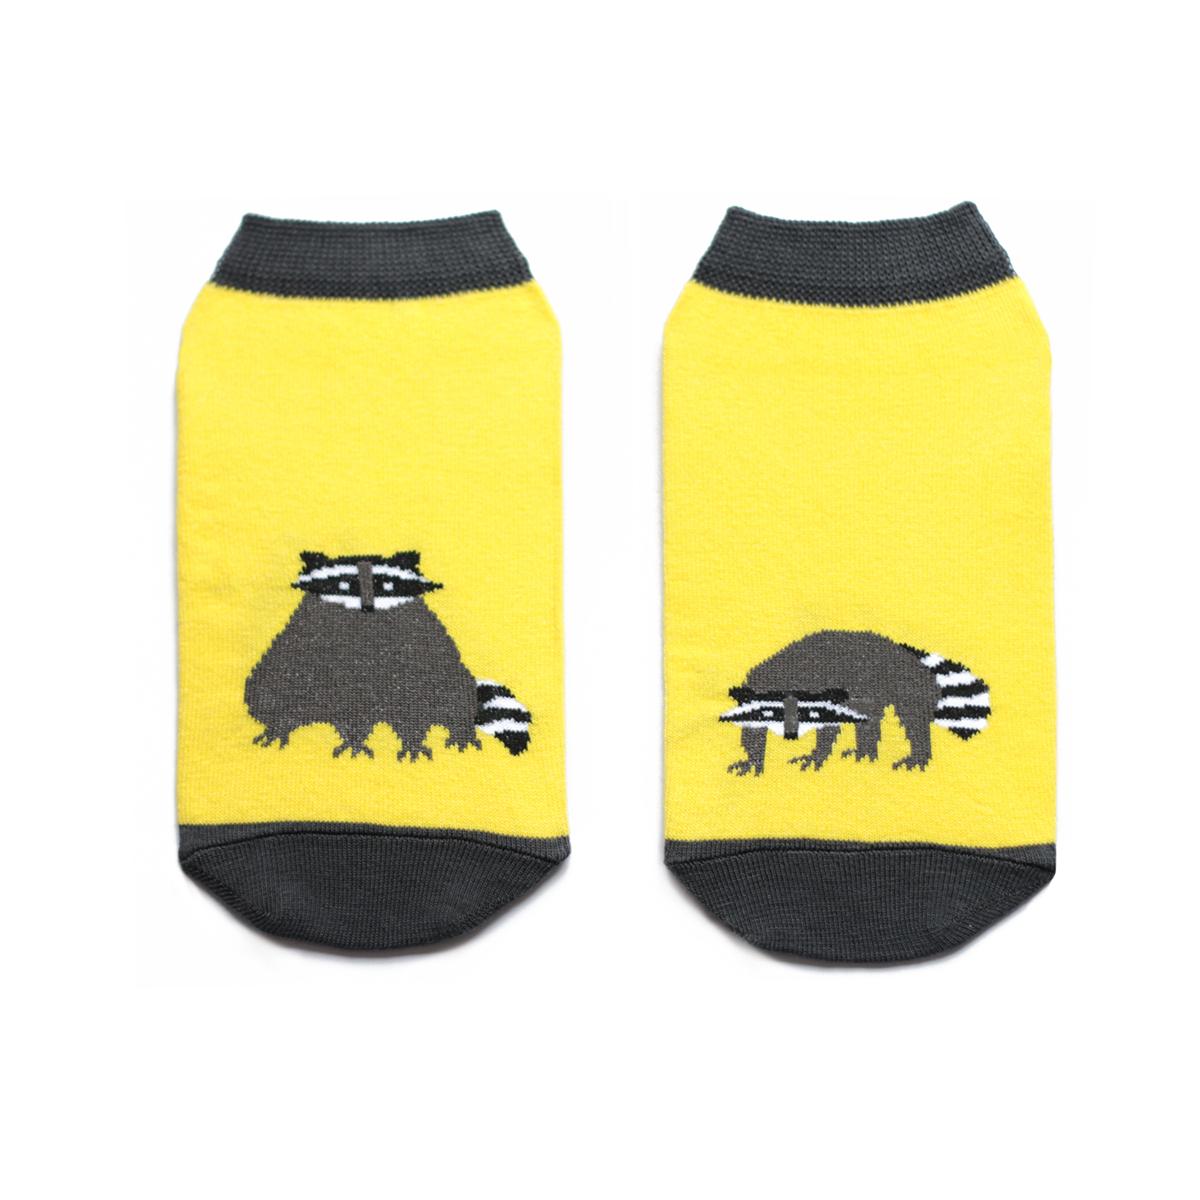 Носкиca1222Укороченные женские носки Big Bang Socks изготовлены из высококачественного хлопка с добавлением полиамидных и эластановых волокон, которые обеспечивают великолепную посадку. Носки отличаются ярким стильным дизайном, они оформлены изображением енота. Удобная резинка идеально облегает ногу и не пережимает сосуды, а усиленные пятка и мысок повышают износоустойчивость носка. Дизайнерские носки Big Bang Socks - яркая деталь в вашем образе и оригинальный подарок для друзей и близких.